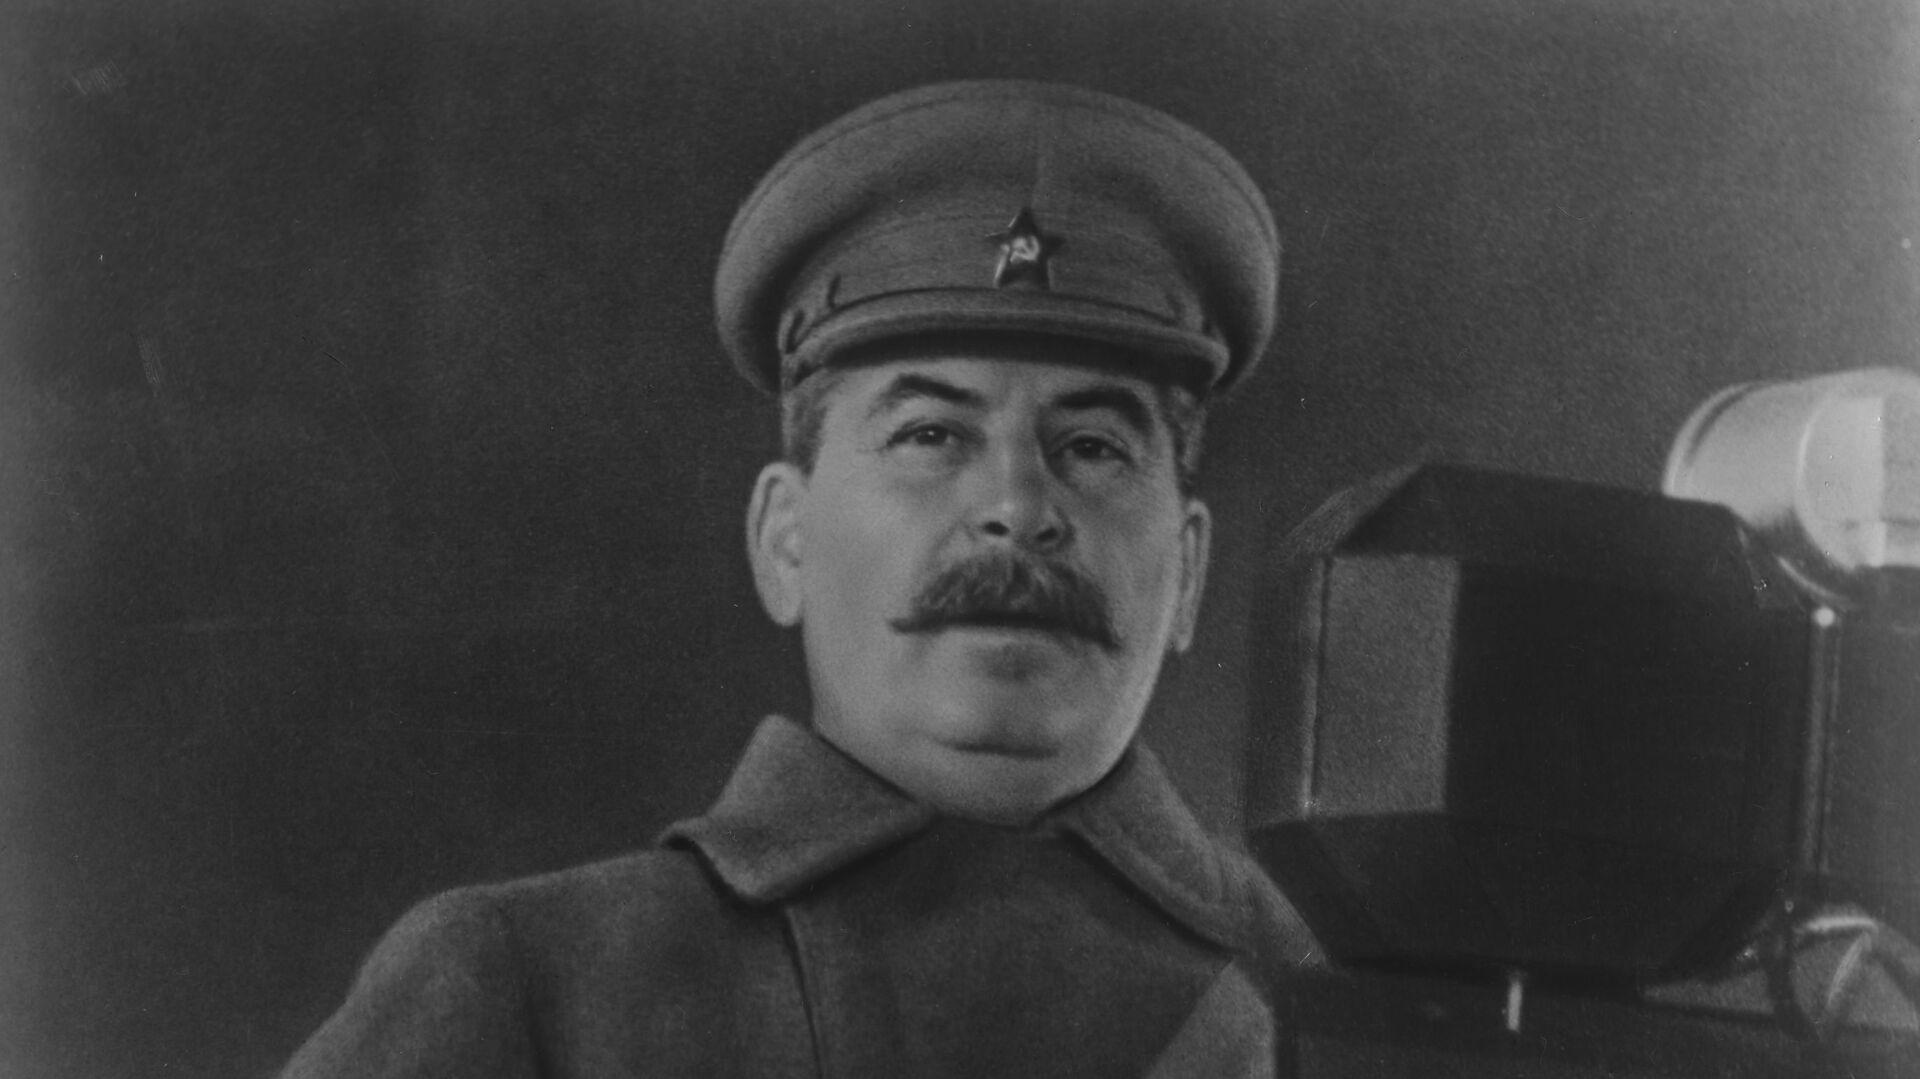 Iósif Stalin durante su discurso en el desfile del 7 de noviembre de 1941 - Sputnik Mundo, 1920, 28.06.2021